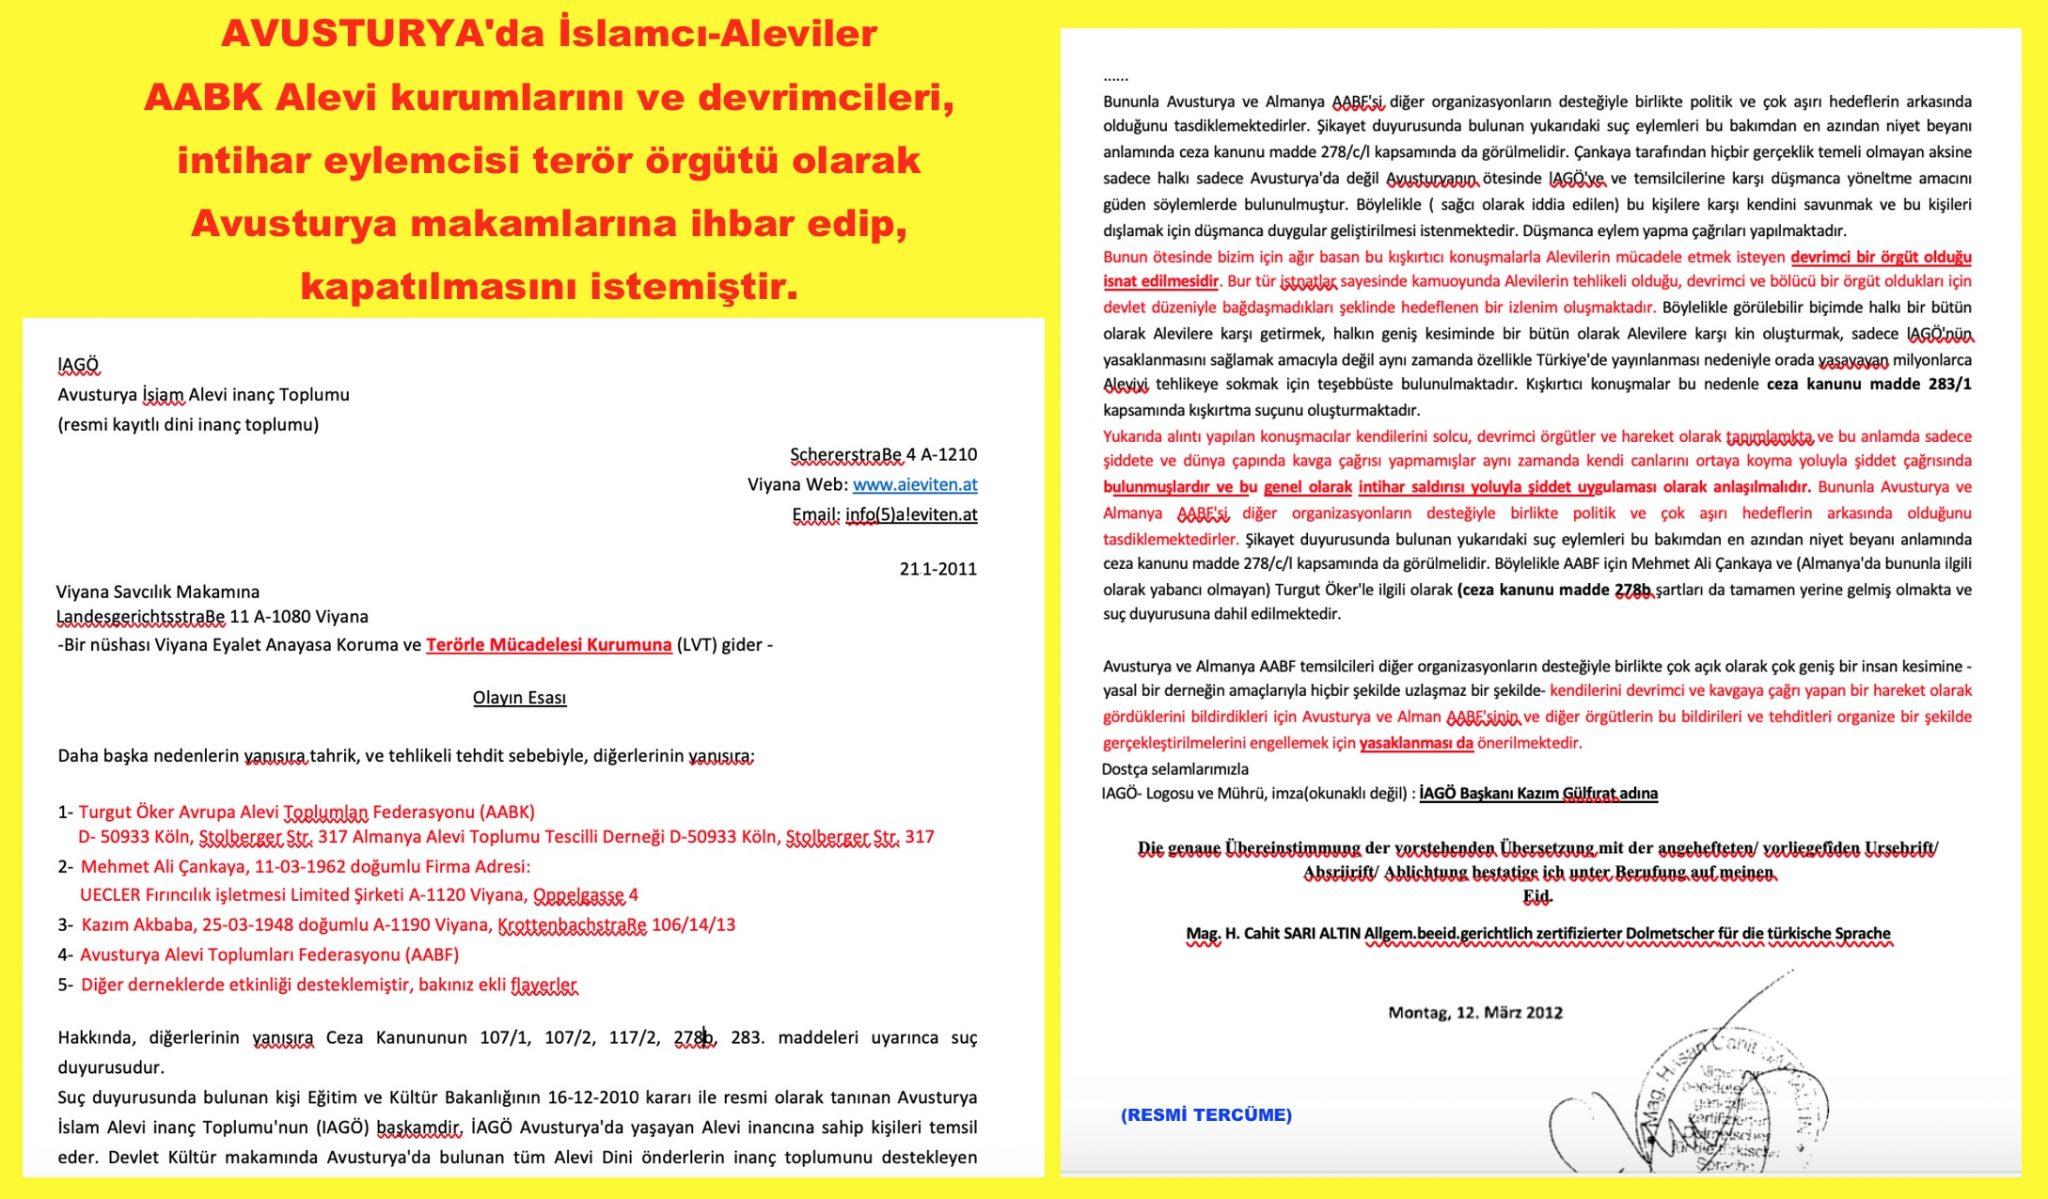 1 Avusturya Alevi islamcı Aleviler  DAB devrimci Aleviler Birliği  ihbar türkçe terör